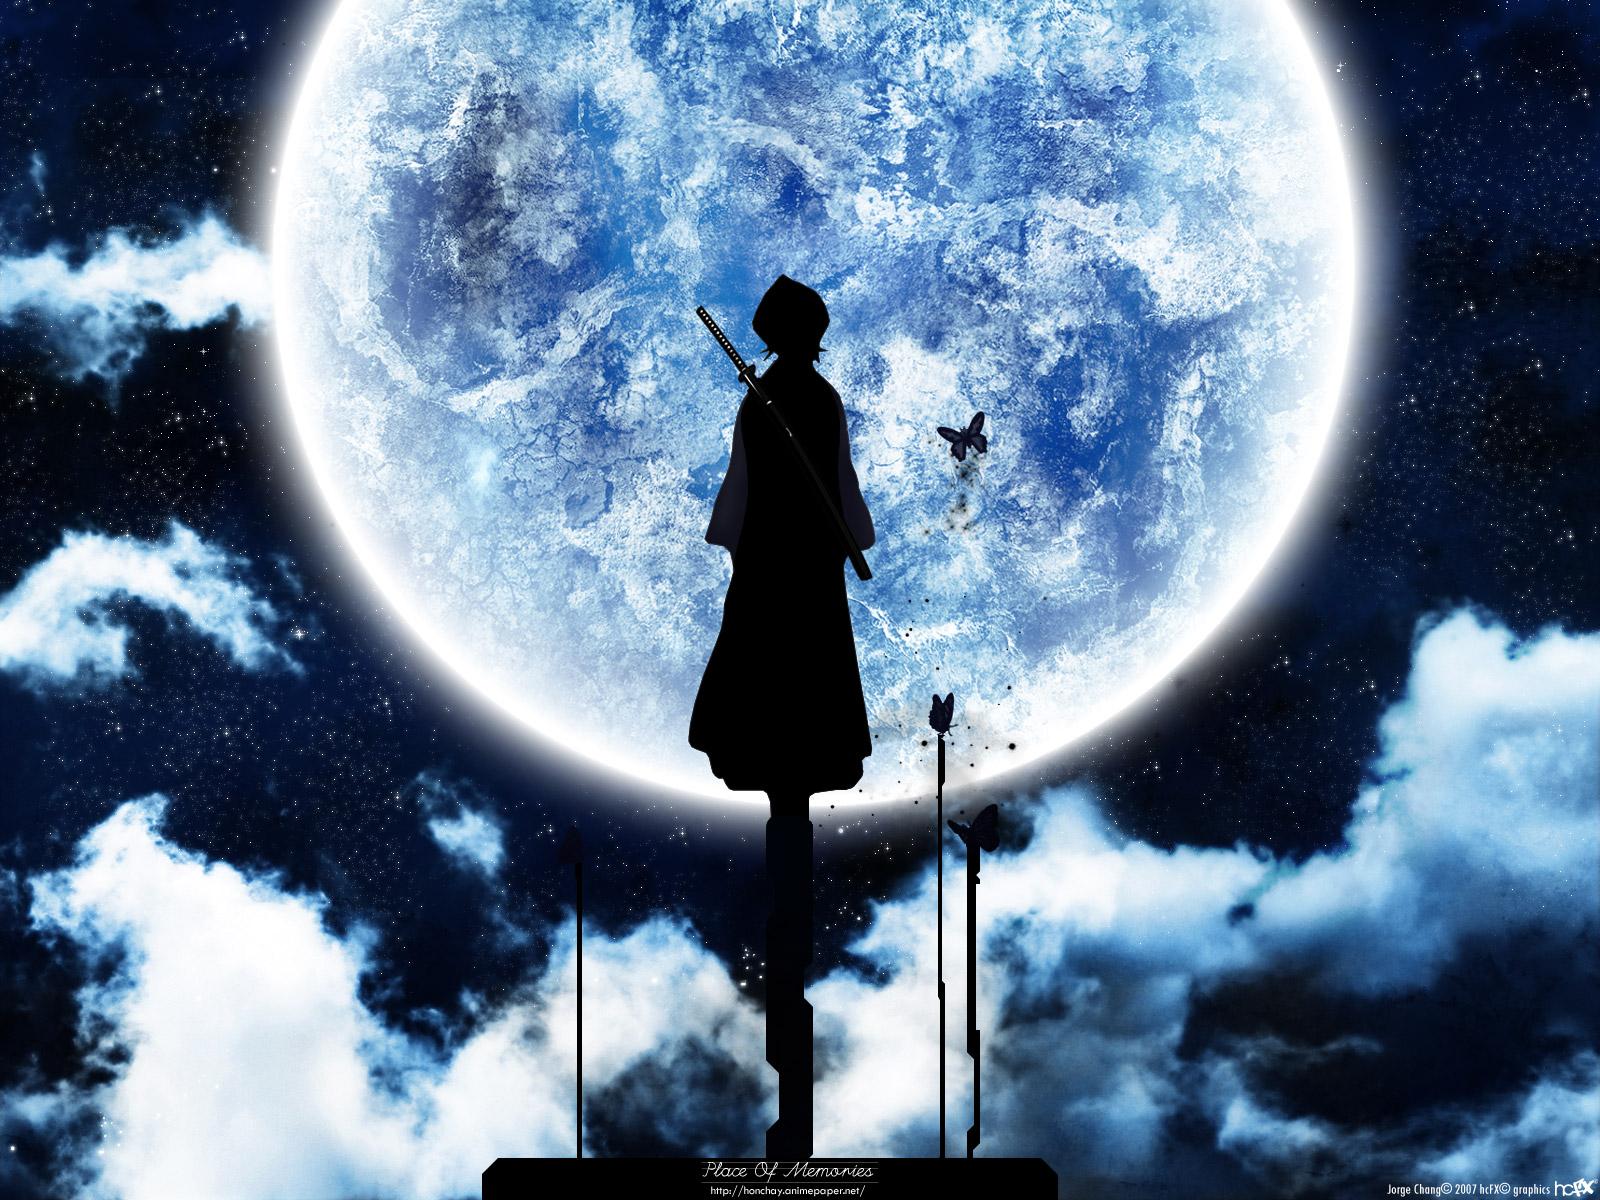 http://1.bp.blogspot.com/-JTDQLCnzudI/T0PCjcS5pKI/AAAAAAAAANM/POARIB_03es/s1600/Konachan.com+-+43082+bleach+blue+dark+kuchiki_rukia+moon.jpg